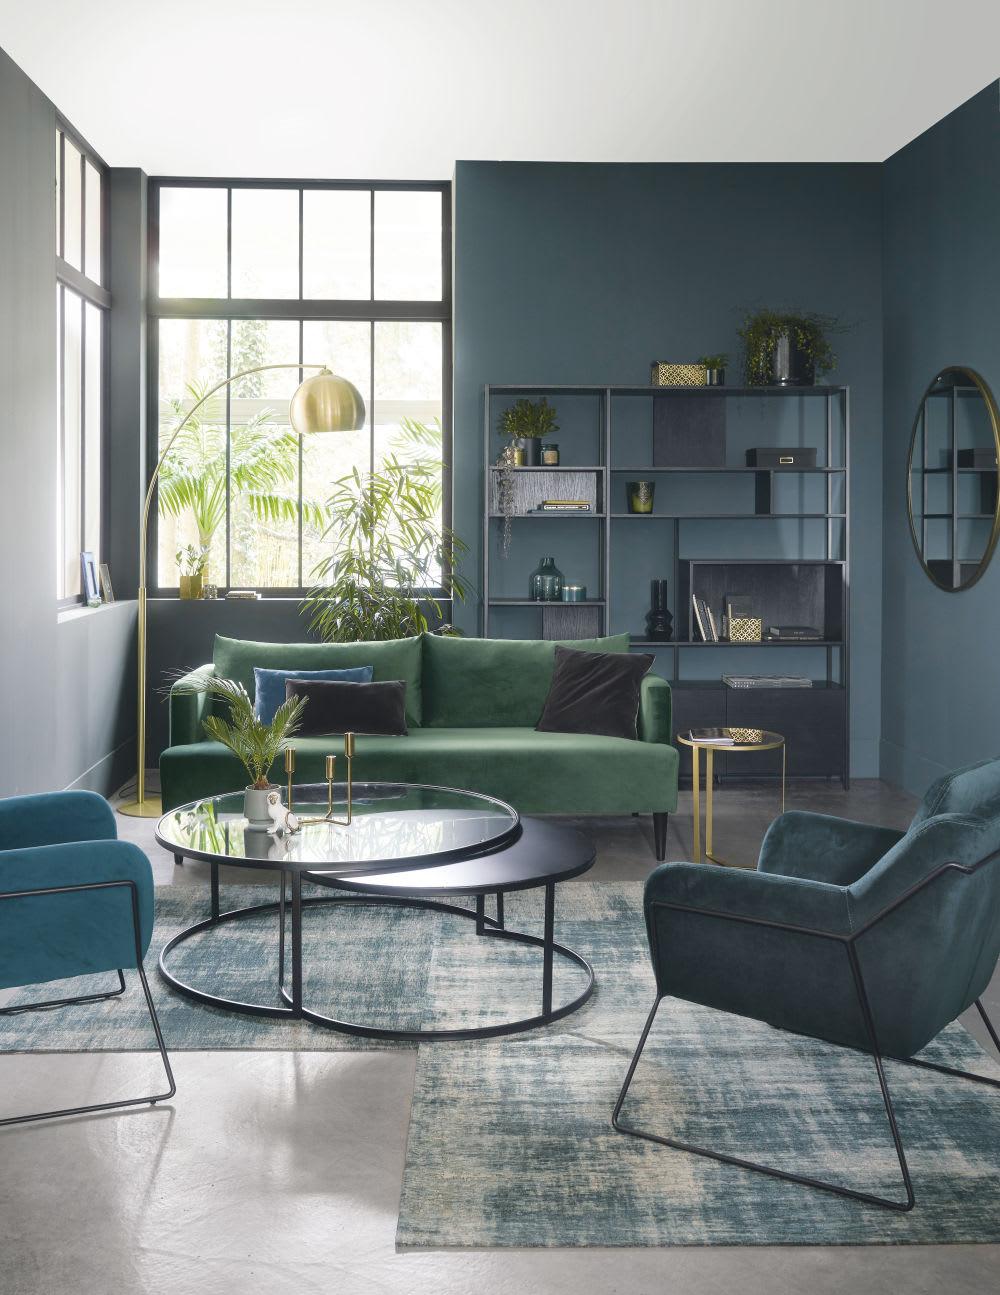 miroir rond en m tal dor d110 janet maisons du monde. Black Bedroom Furniture Sets. Home Design Ideas